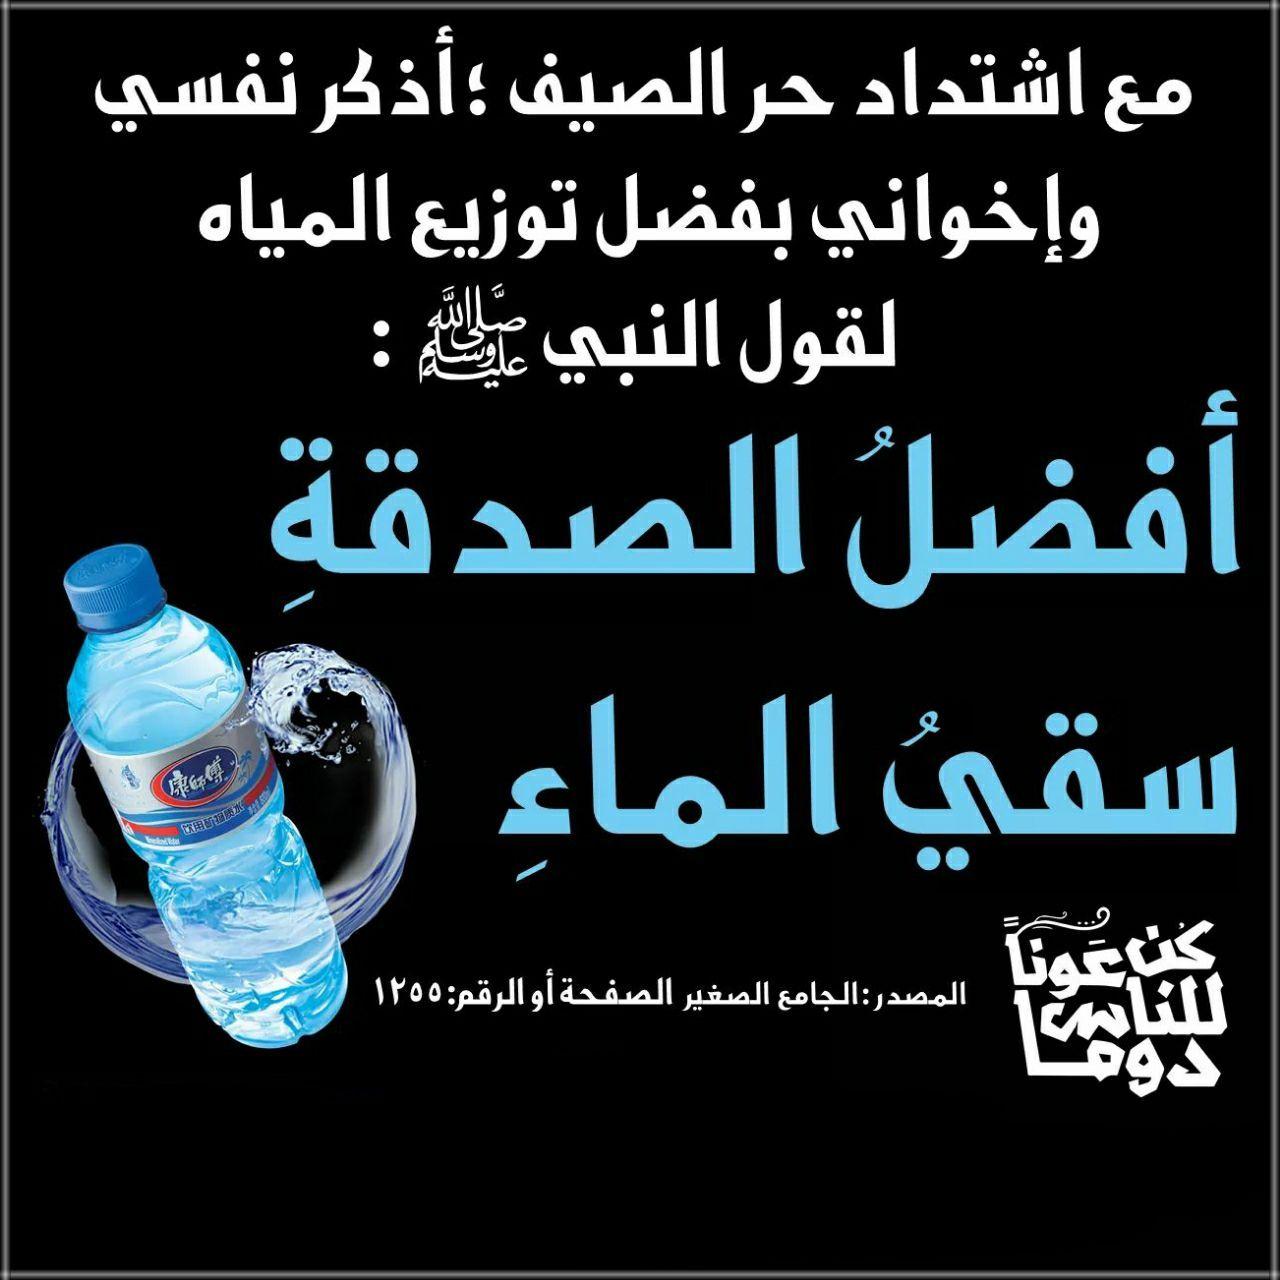 Pin By الأثر الجميل On نصائح Dasani Bottle Water Bottle Bottle